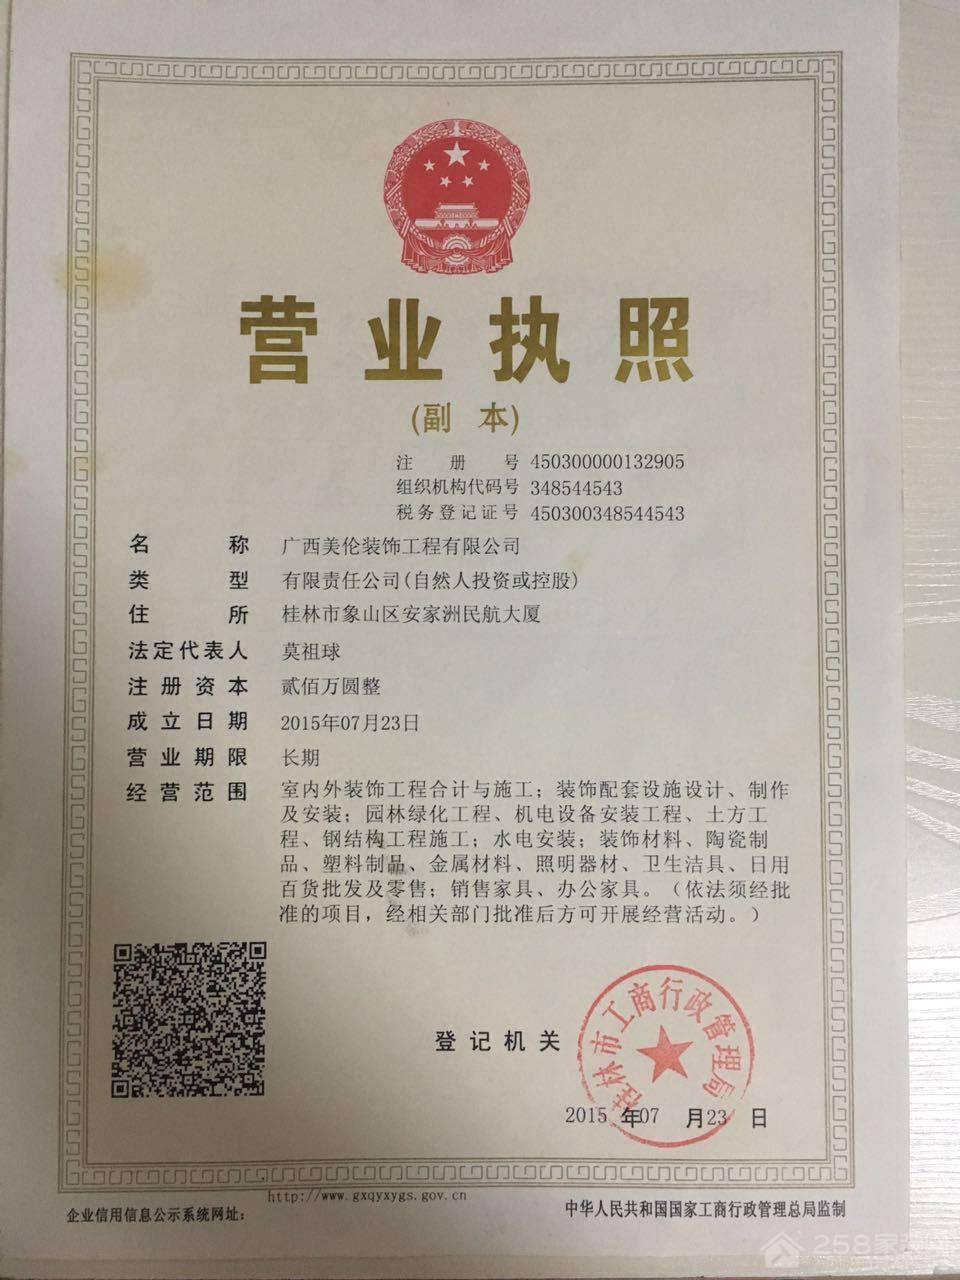 桂林美伦装饰工程有限公司